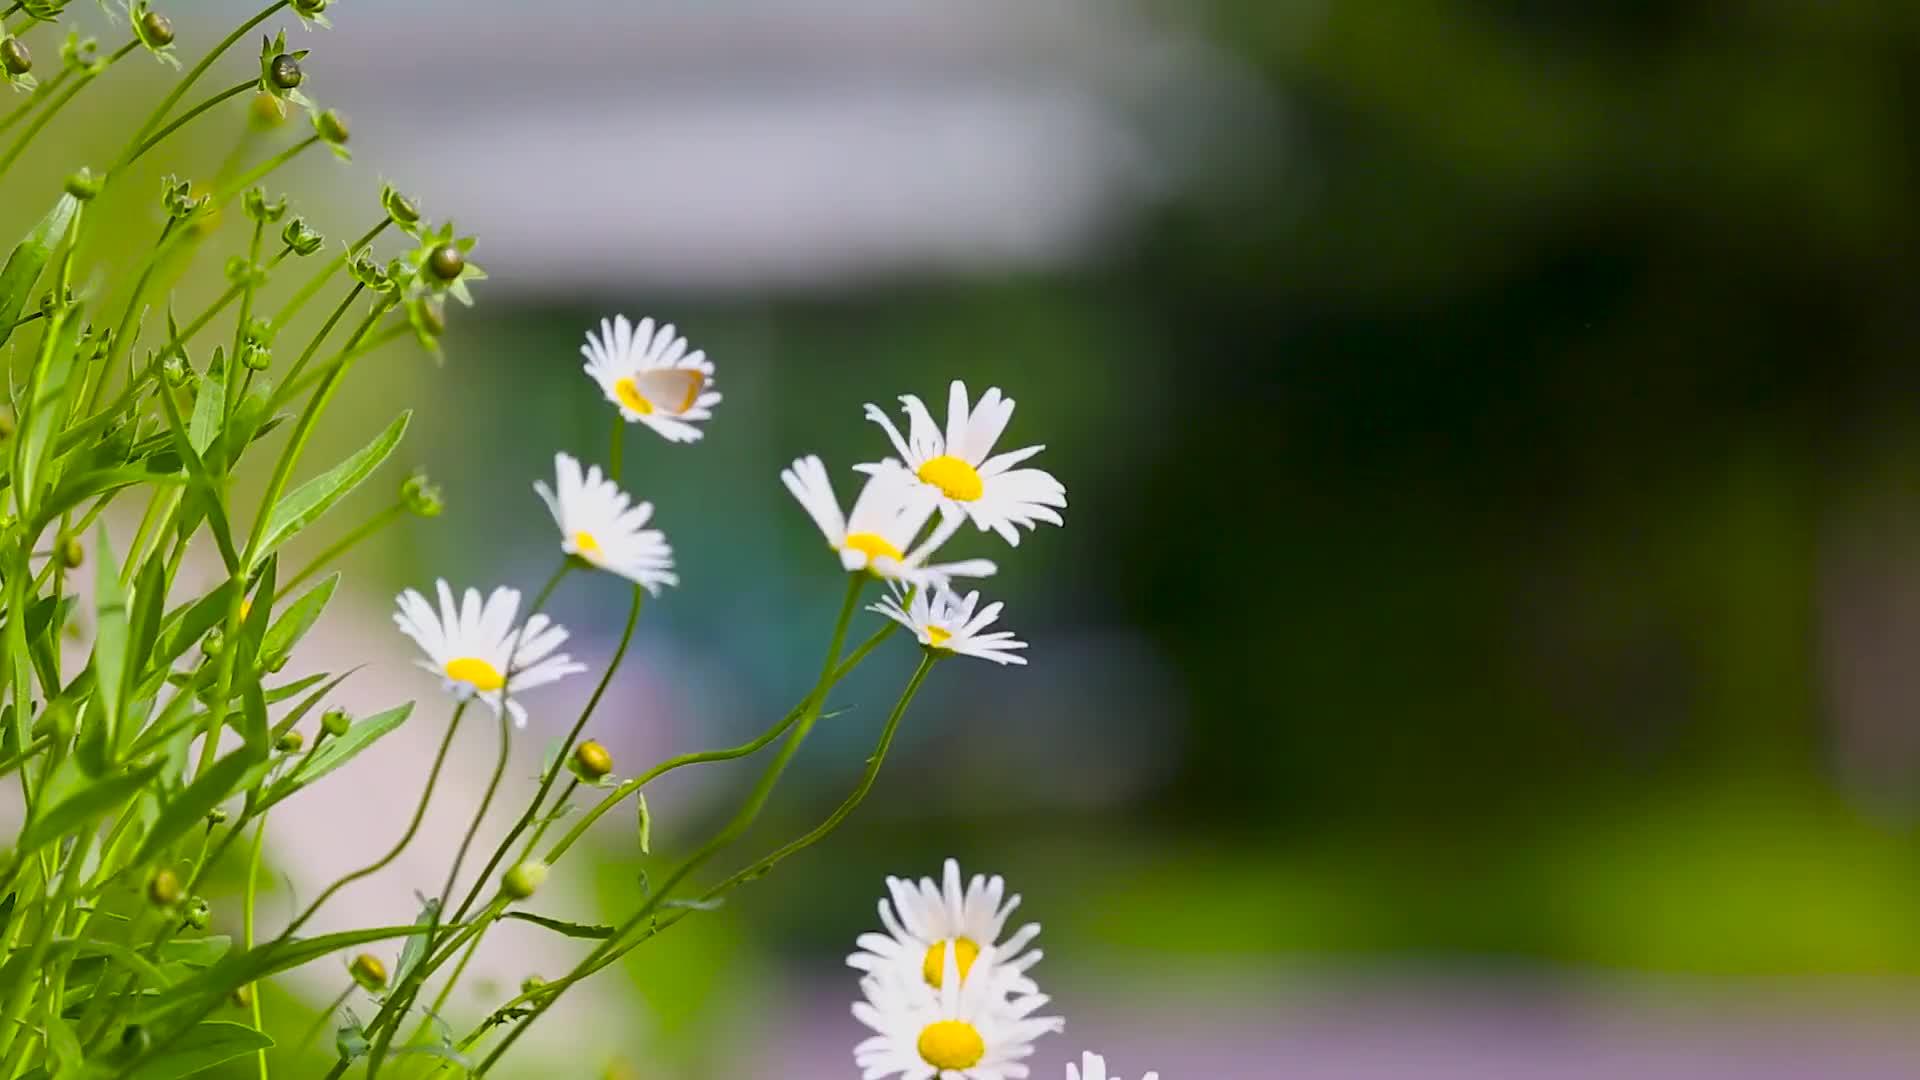 实拍太阳花花朵特写视频素材